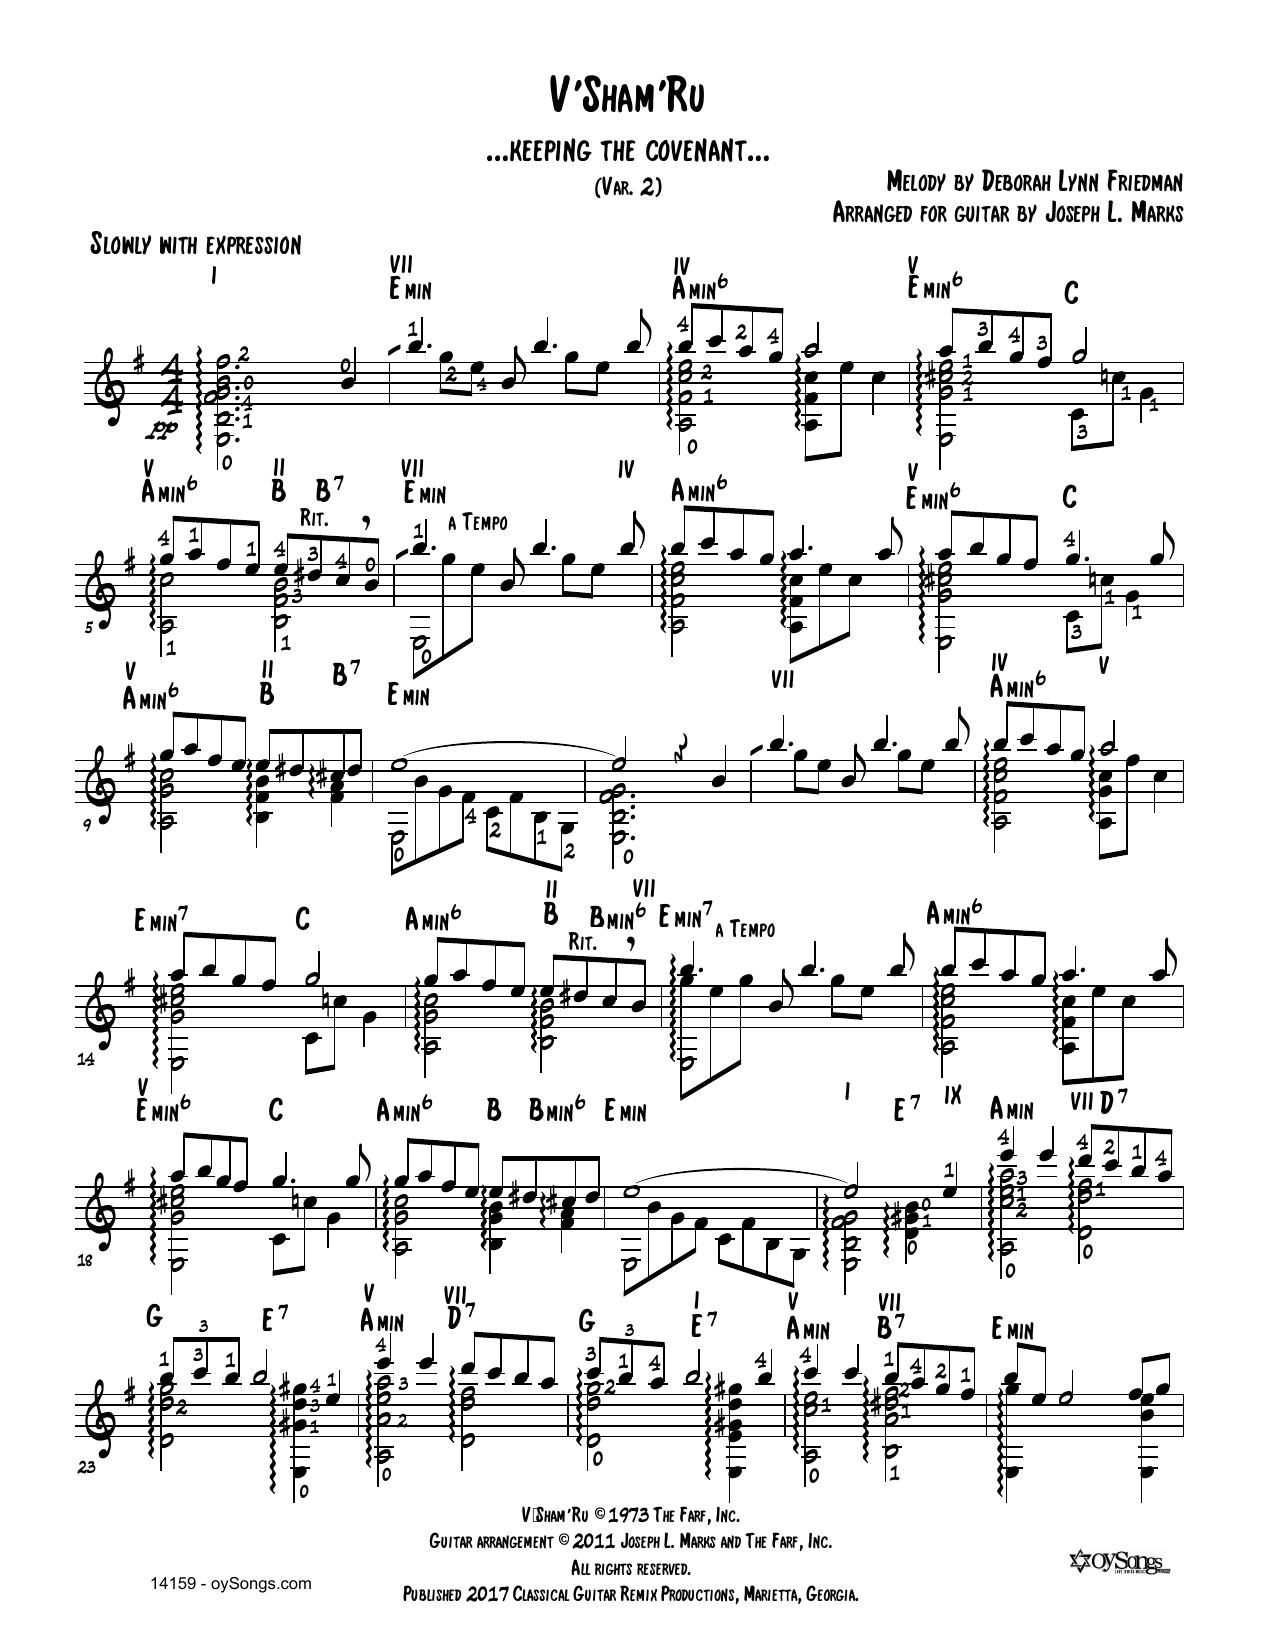 Debbie Friedman V'shamru Var 2 (arr. Joe Marks) sheet music notes and chords. Download Printable PDF.